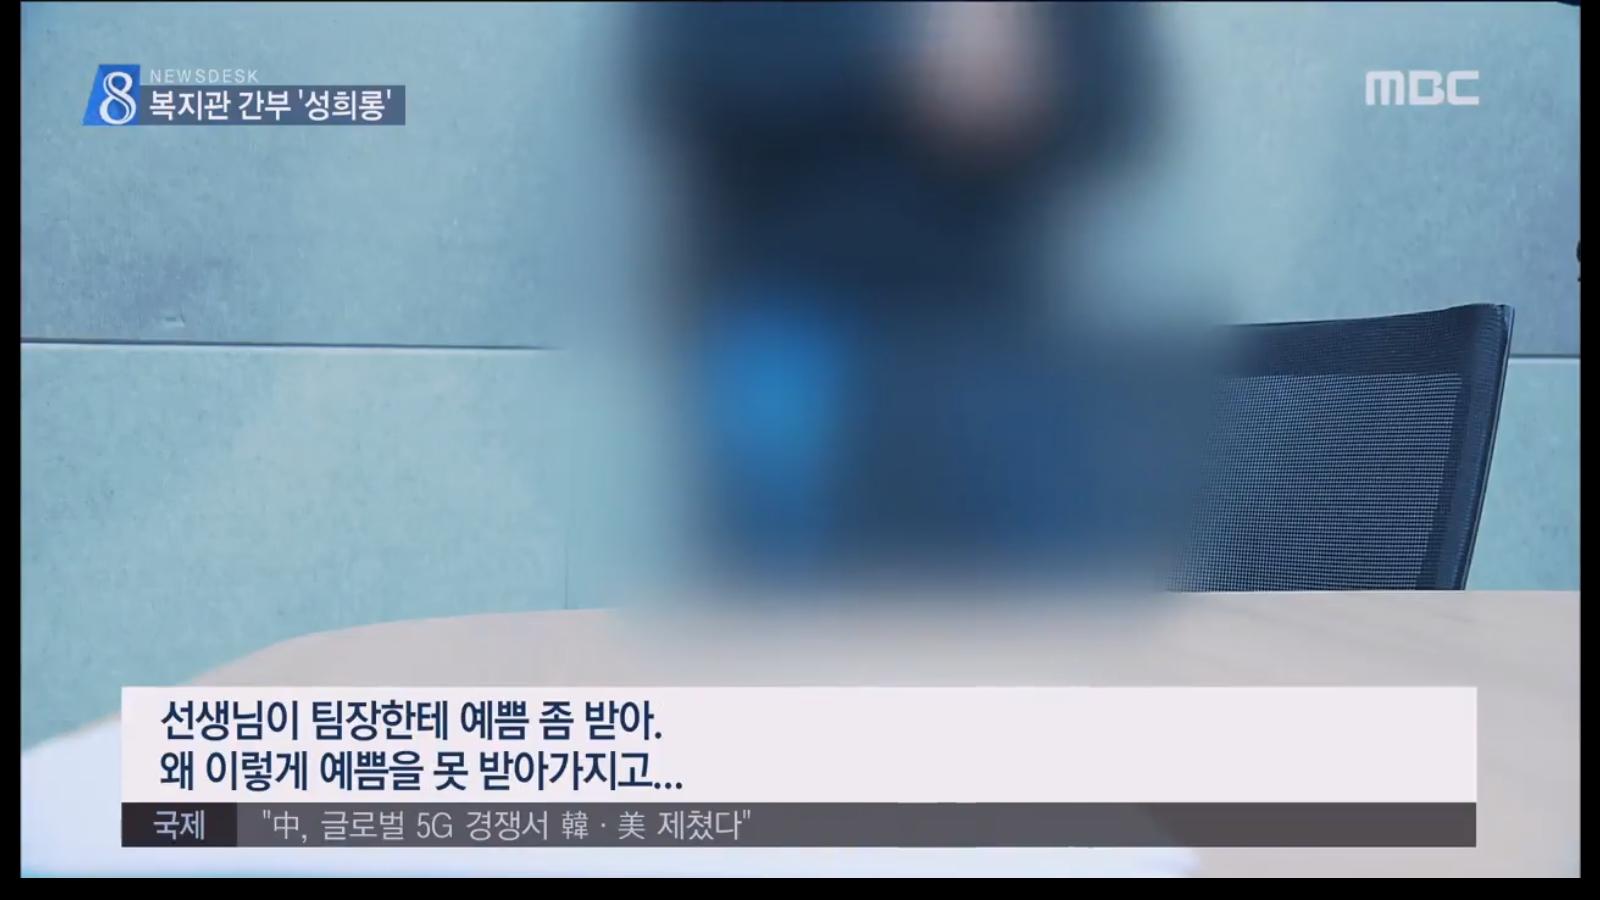 [18.4.17 전주MBC] 전주장애인종합복지관 의혹, 성희롱, 갑질 당했다7.jpg